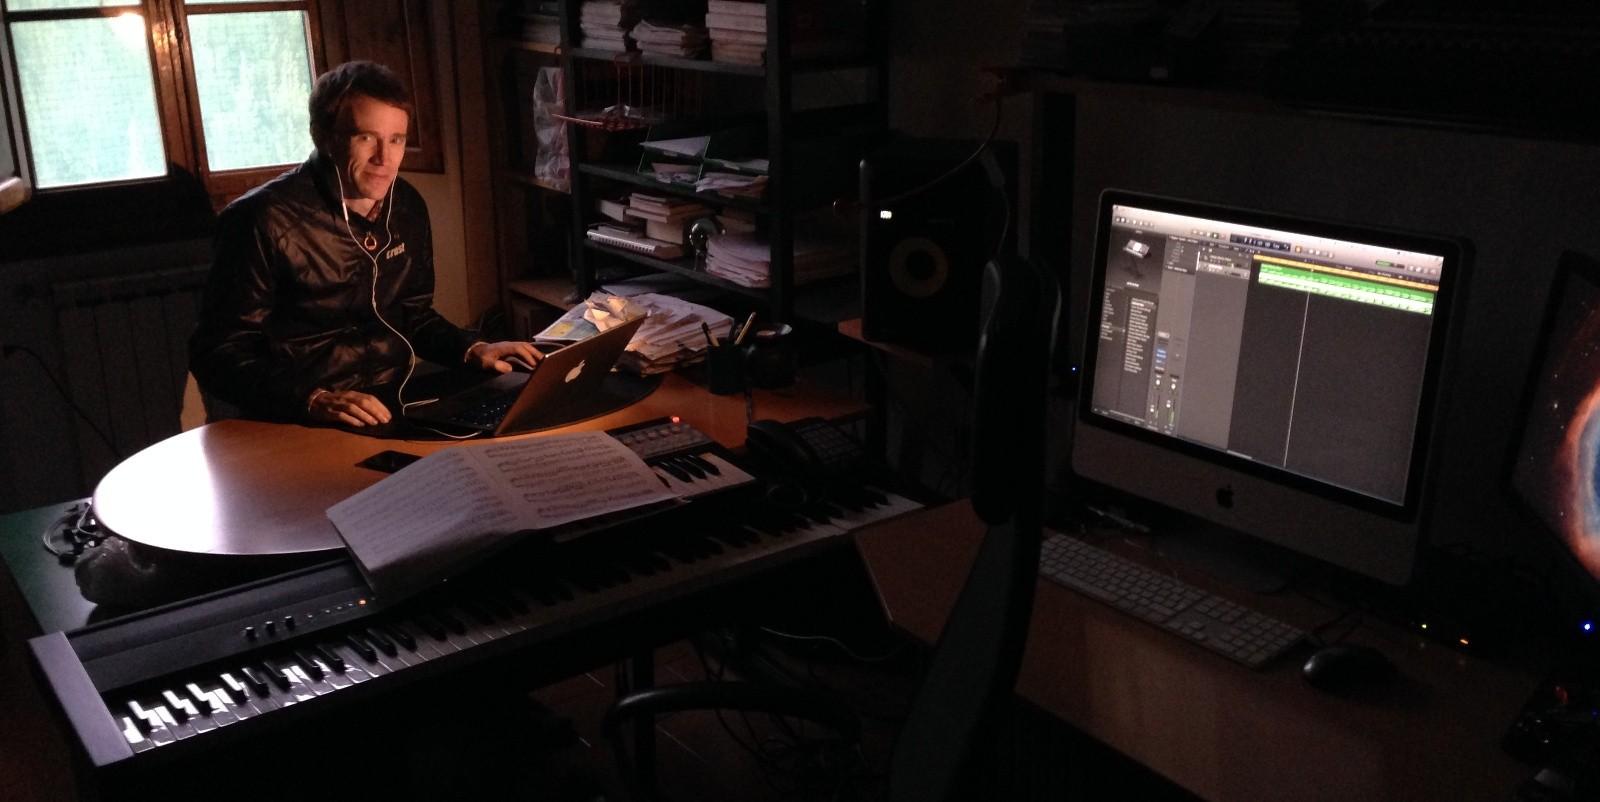 Pietro visiting Krur's studio